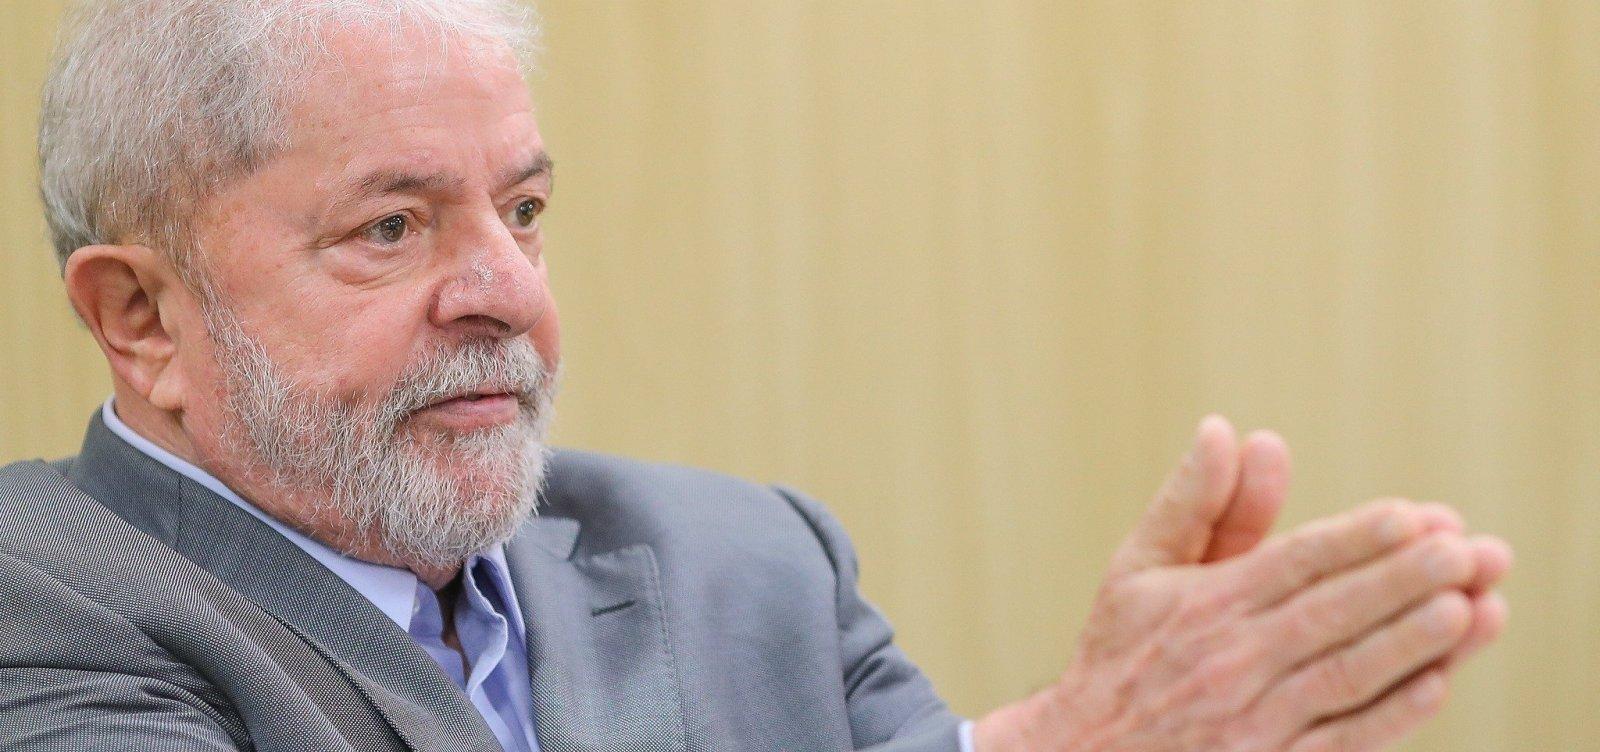 [Recurso de Lula em tribunal da Lava Jato andou mais rápido que 85% dos casos]